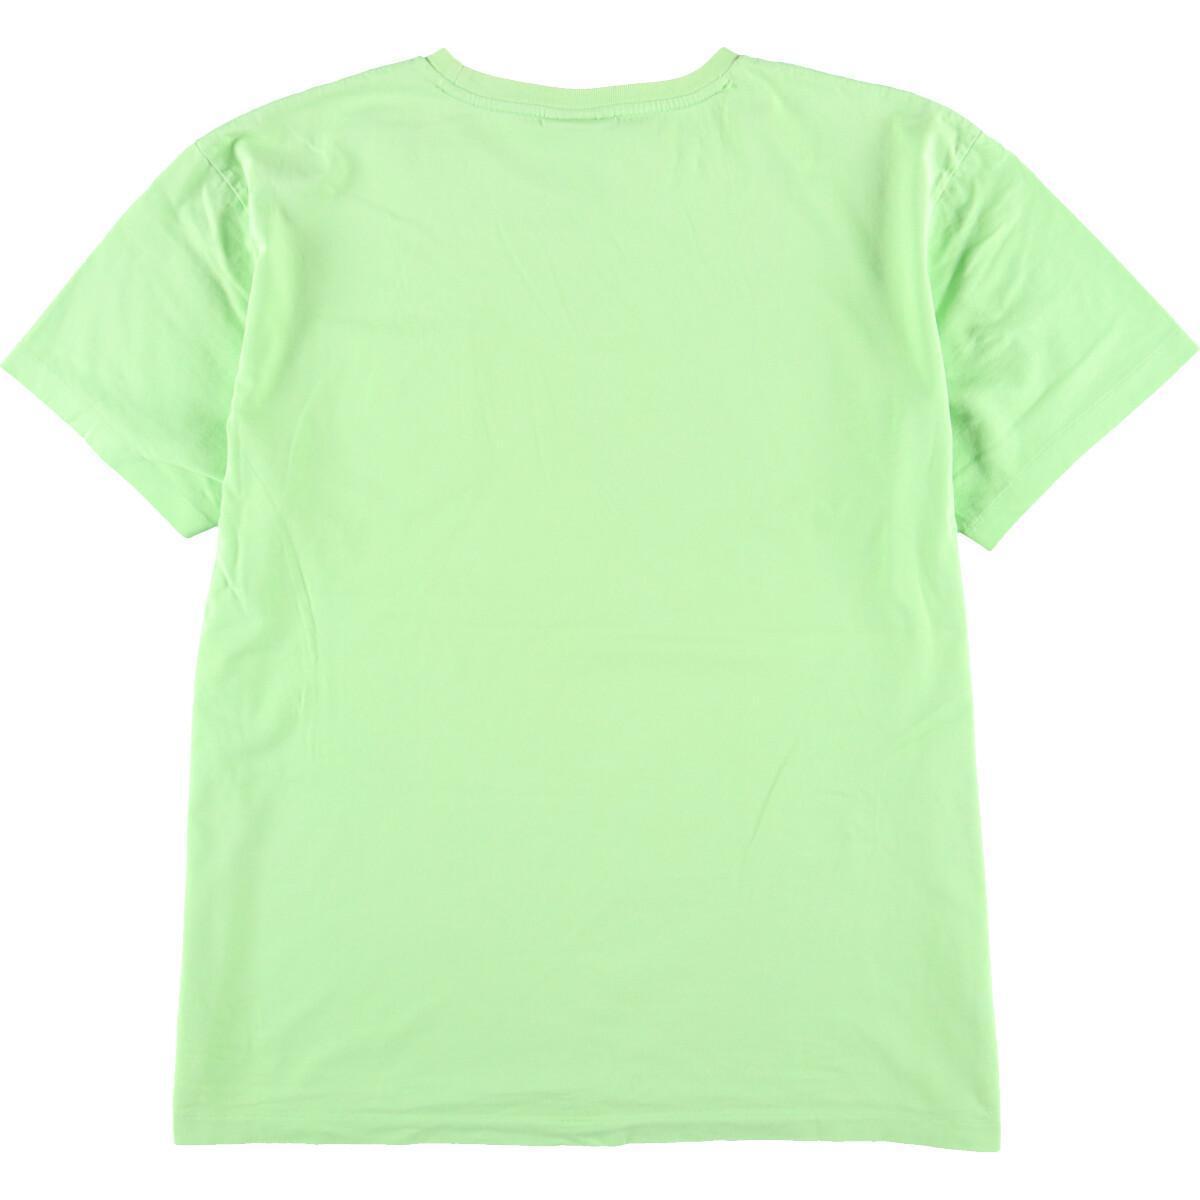 ラルフローレン Ralph Lauren POLO by Ralph Lauren 半袖 ワンポイントロゴポケットTシャツ メンズL /eaa167036_画像2